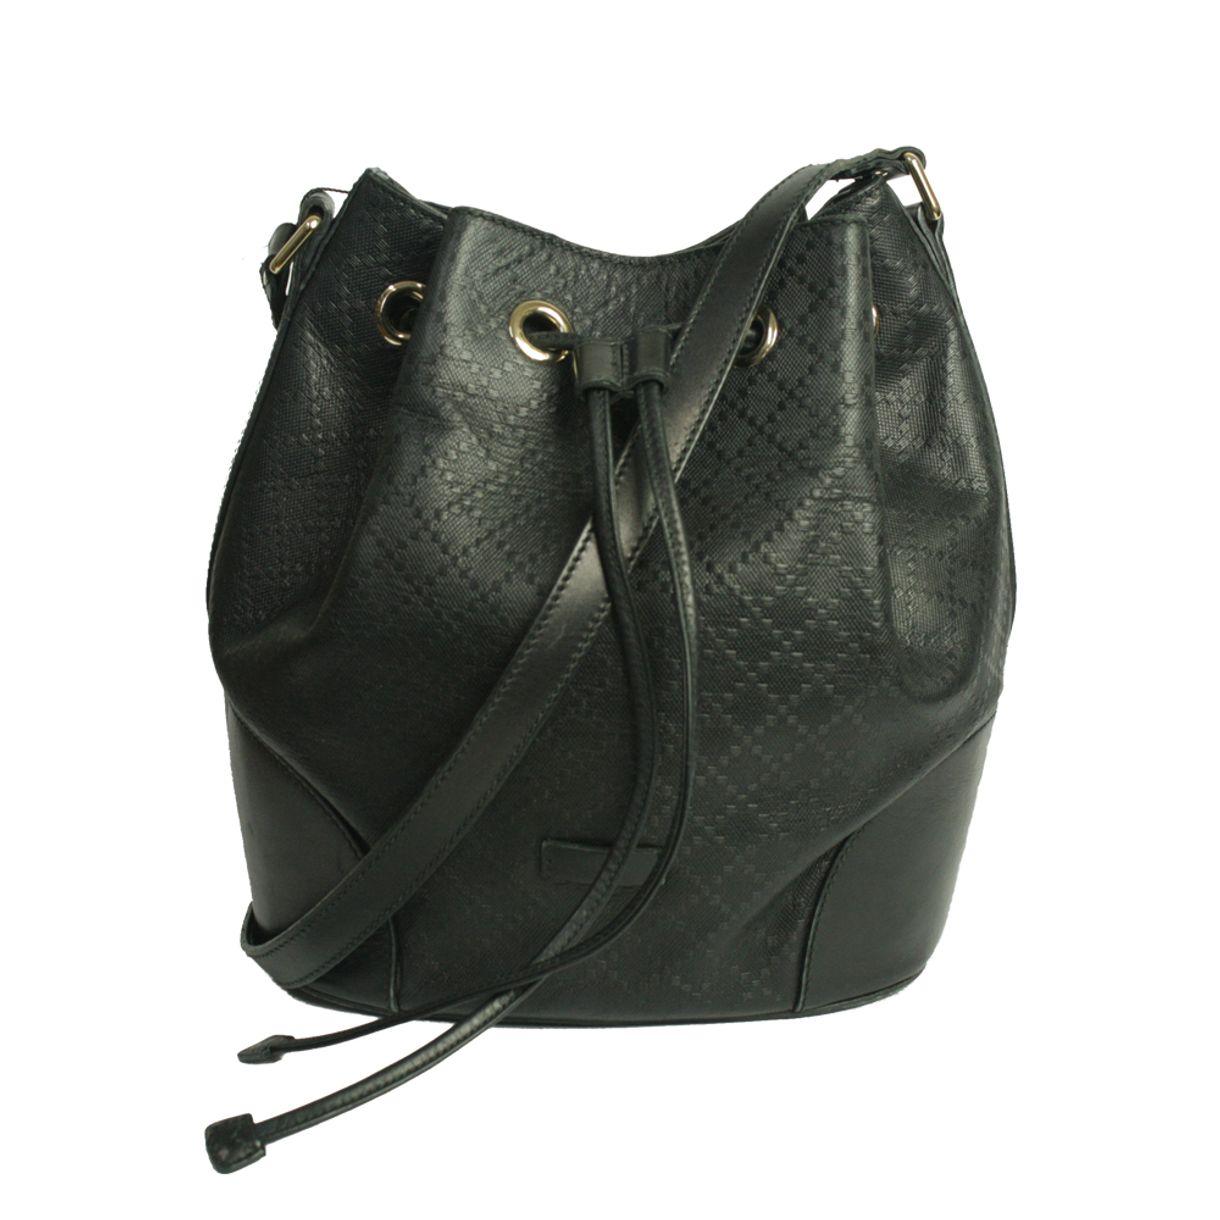 Bolsa-Gucci-Diamante-Leather-Preta